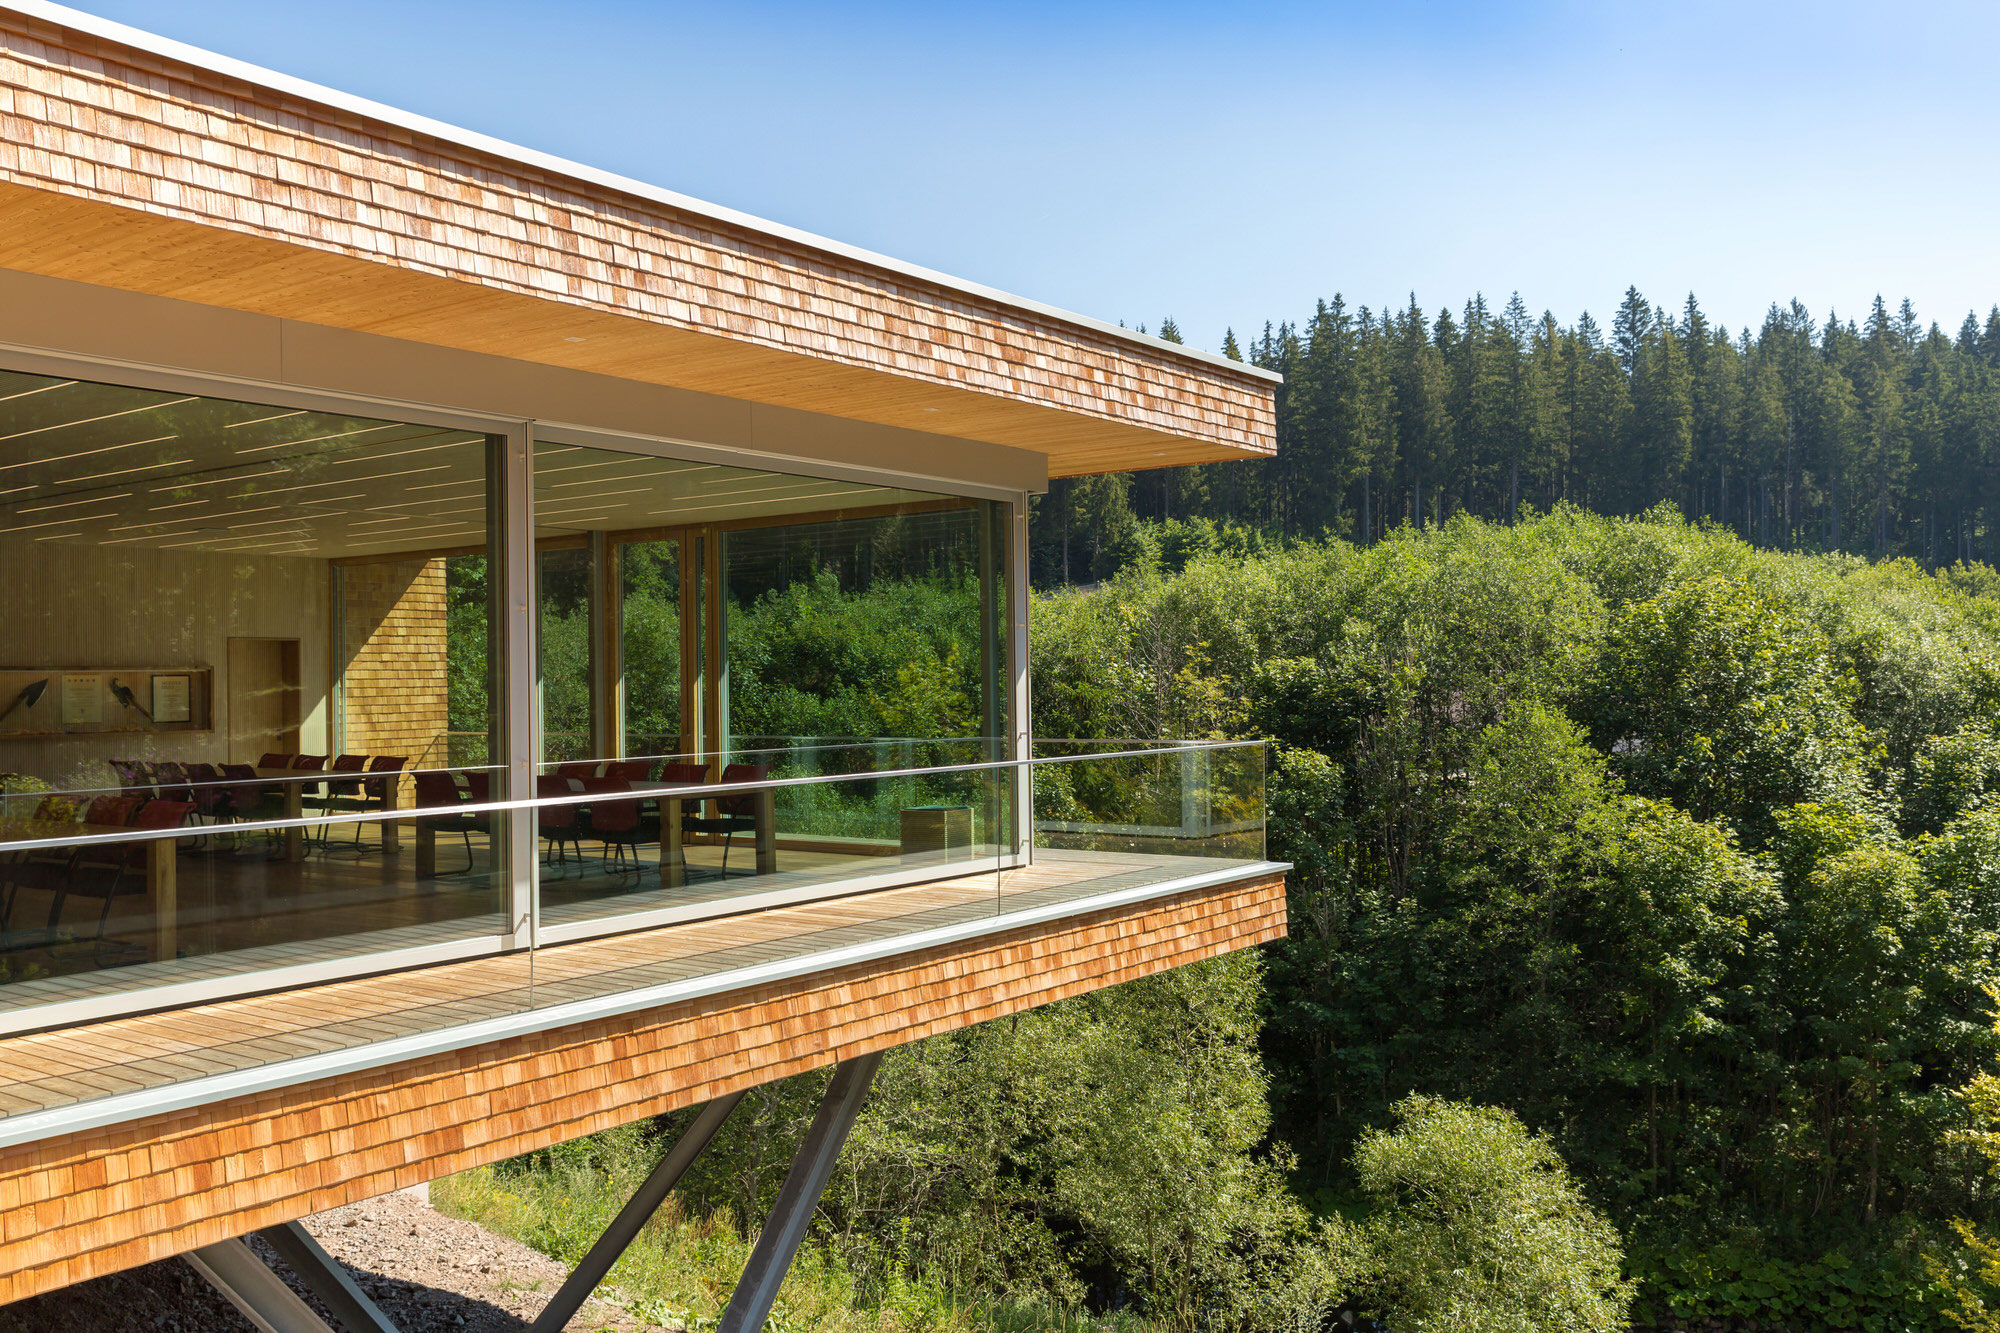 Referenzen Wohnbau Gewerbebau - Holzbau Bruno Kaiser